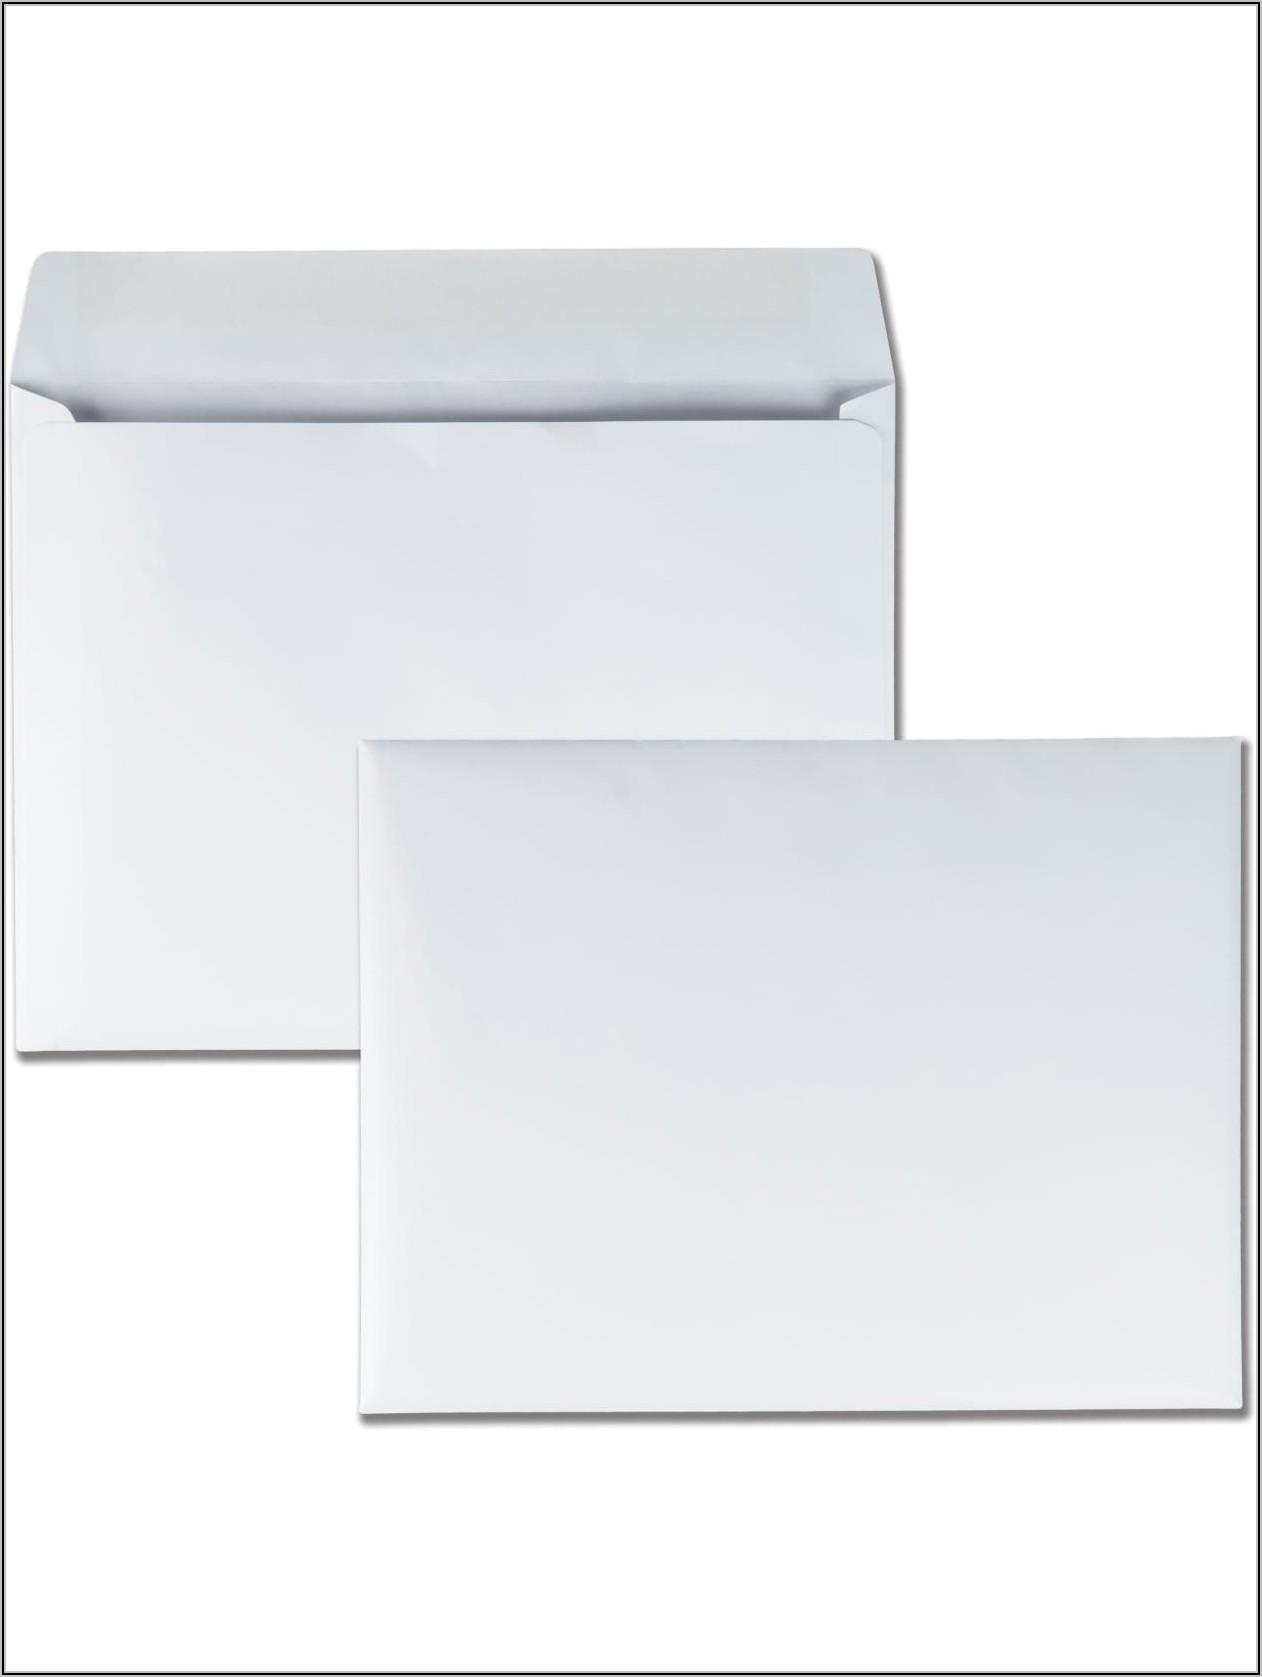 9 X 12 White Booklet Envelopes